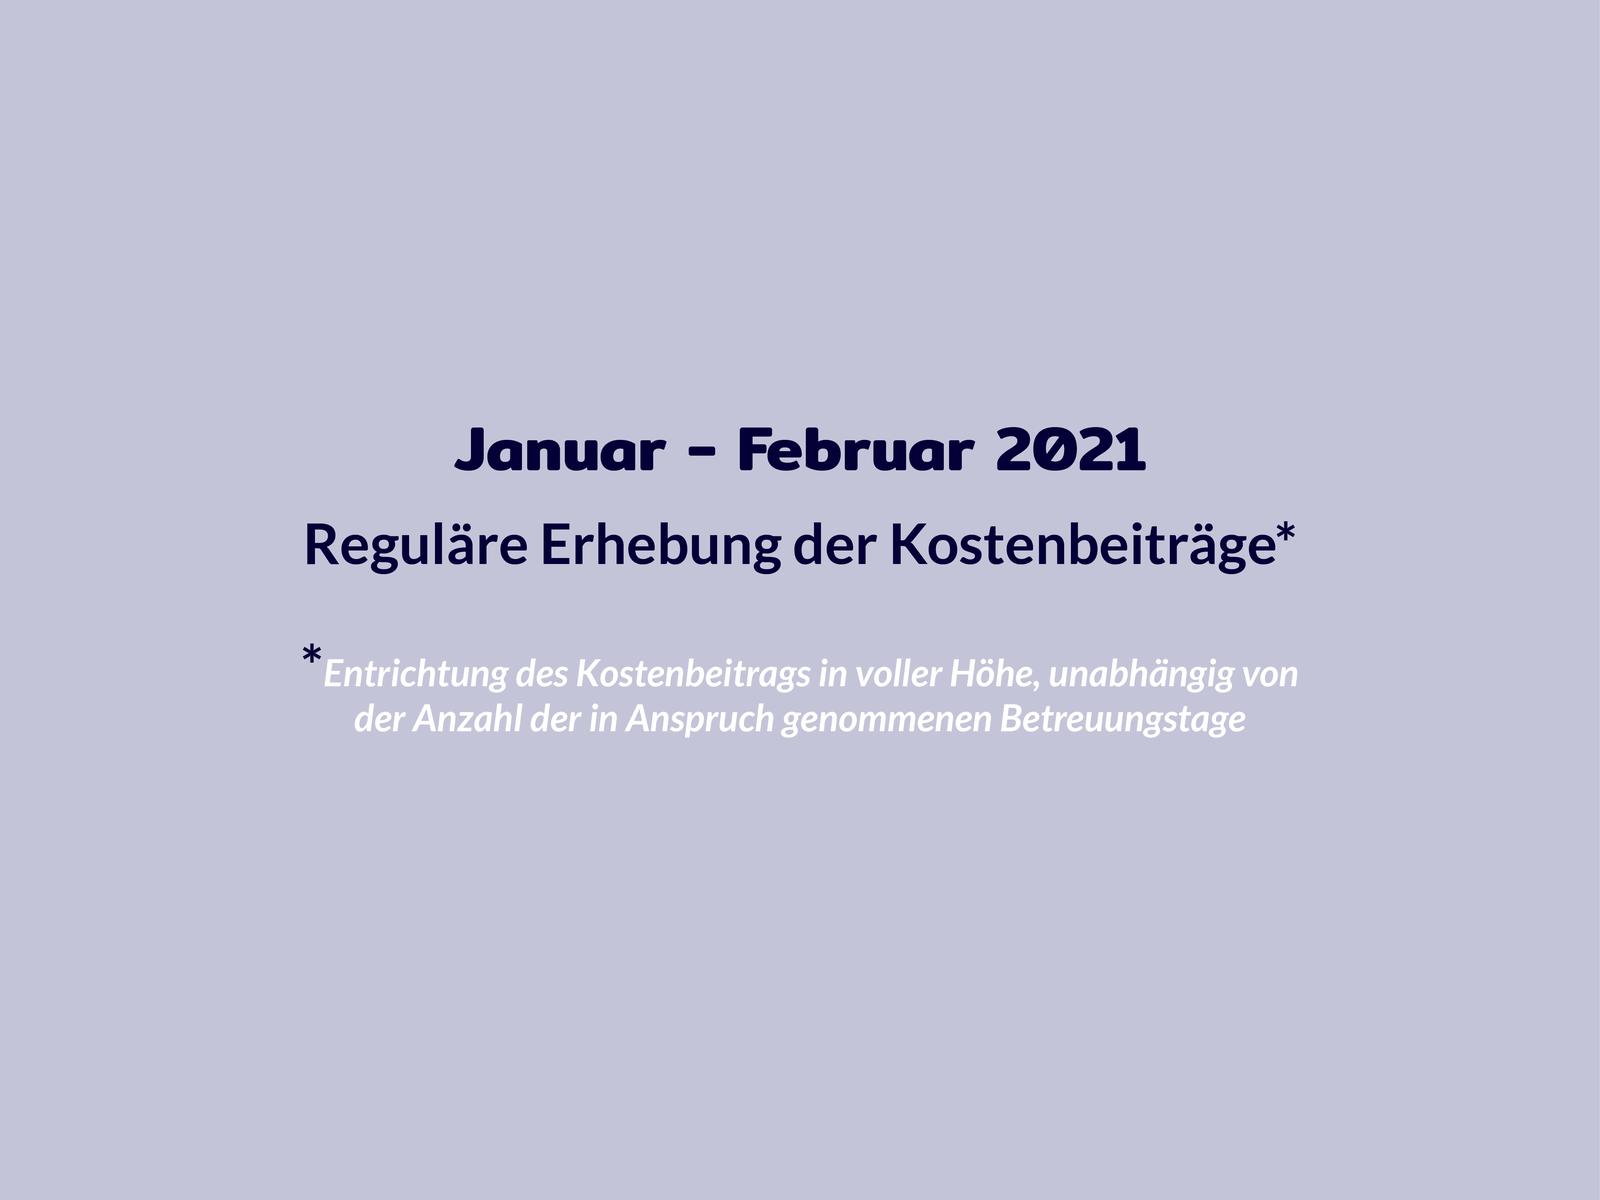 Chronologie Kosten Januar bis Februar 2021